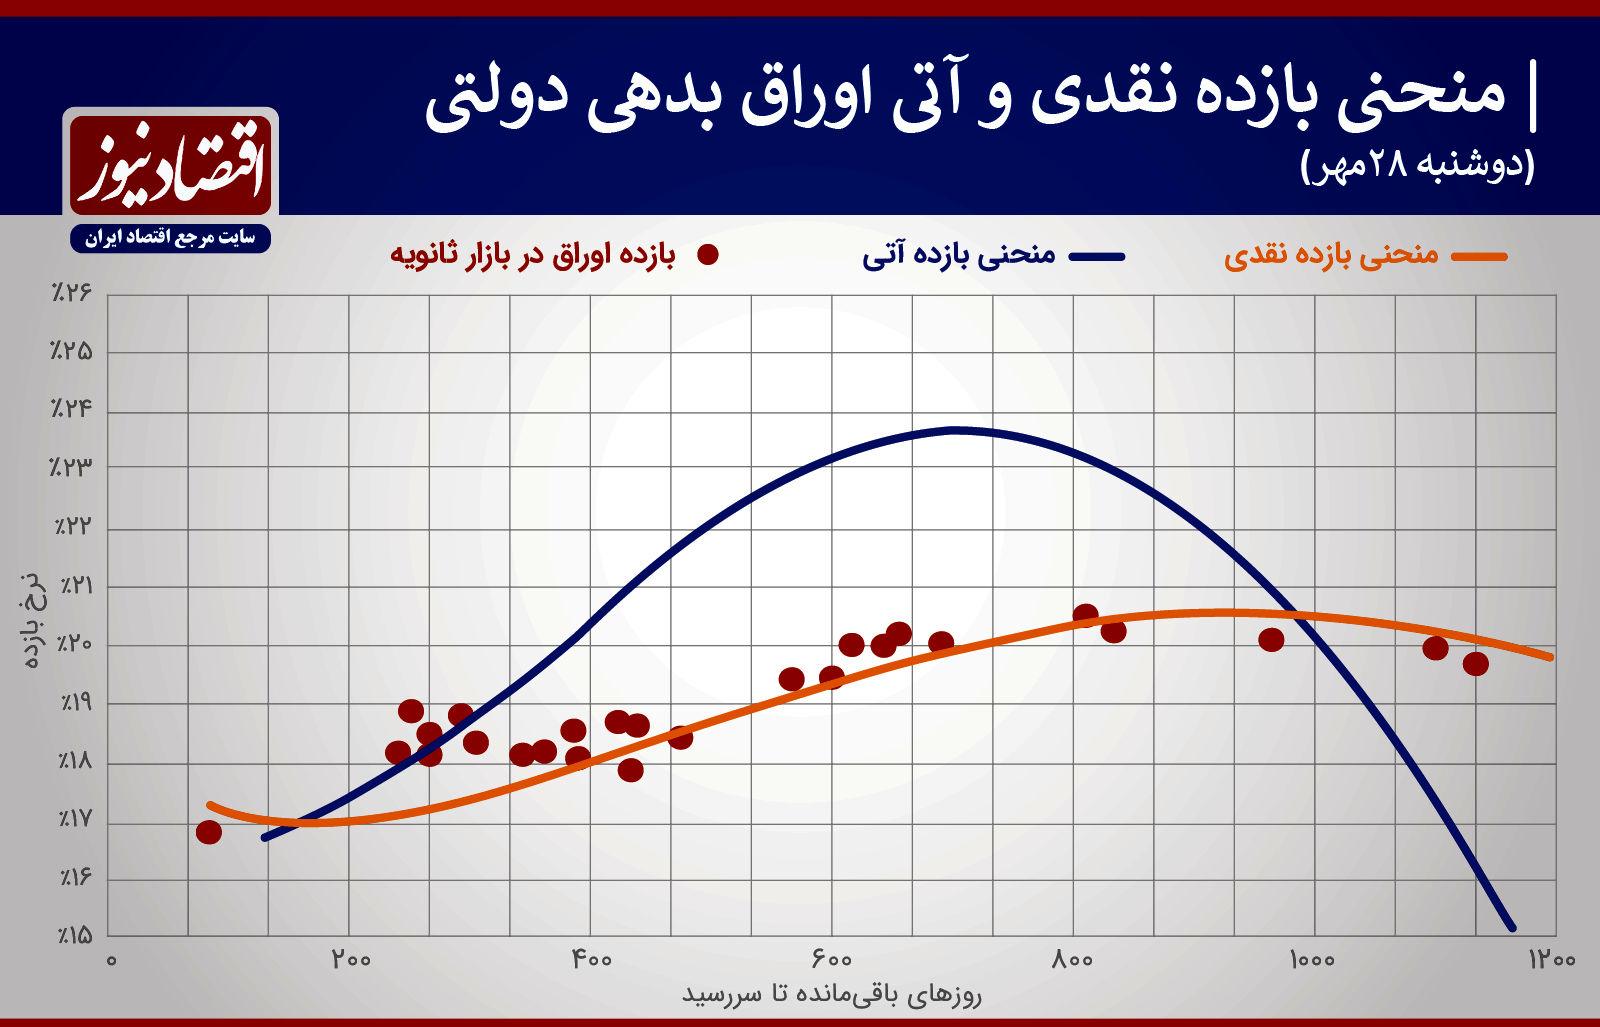 منحنی بازدهی قیمت 28 مهر